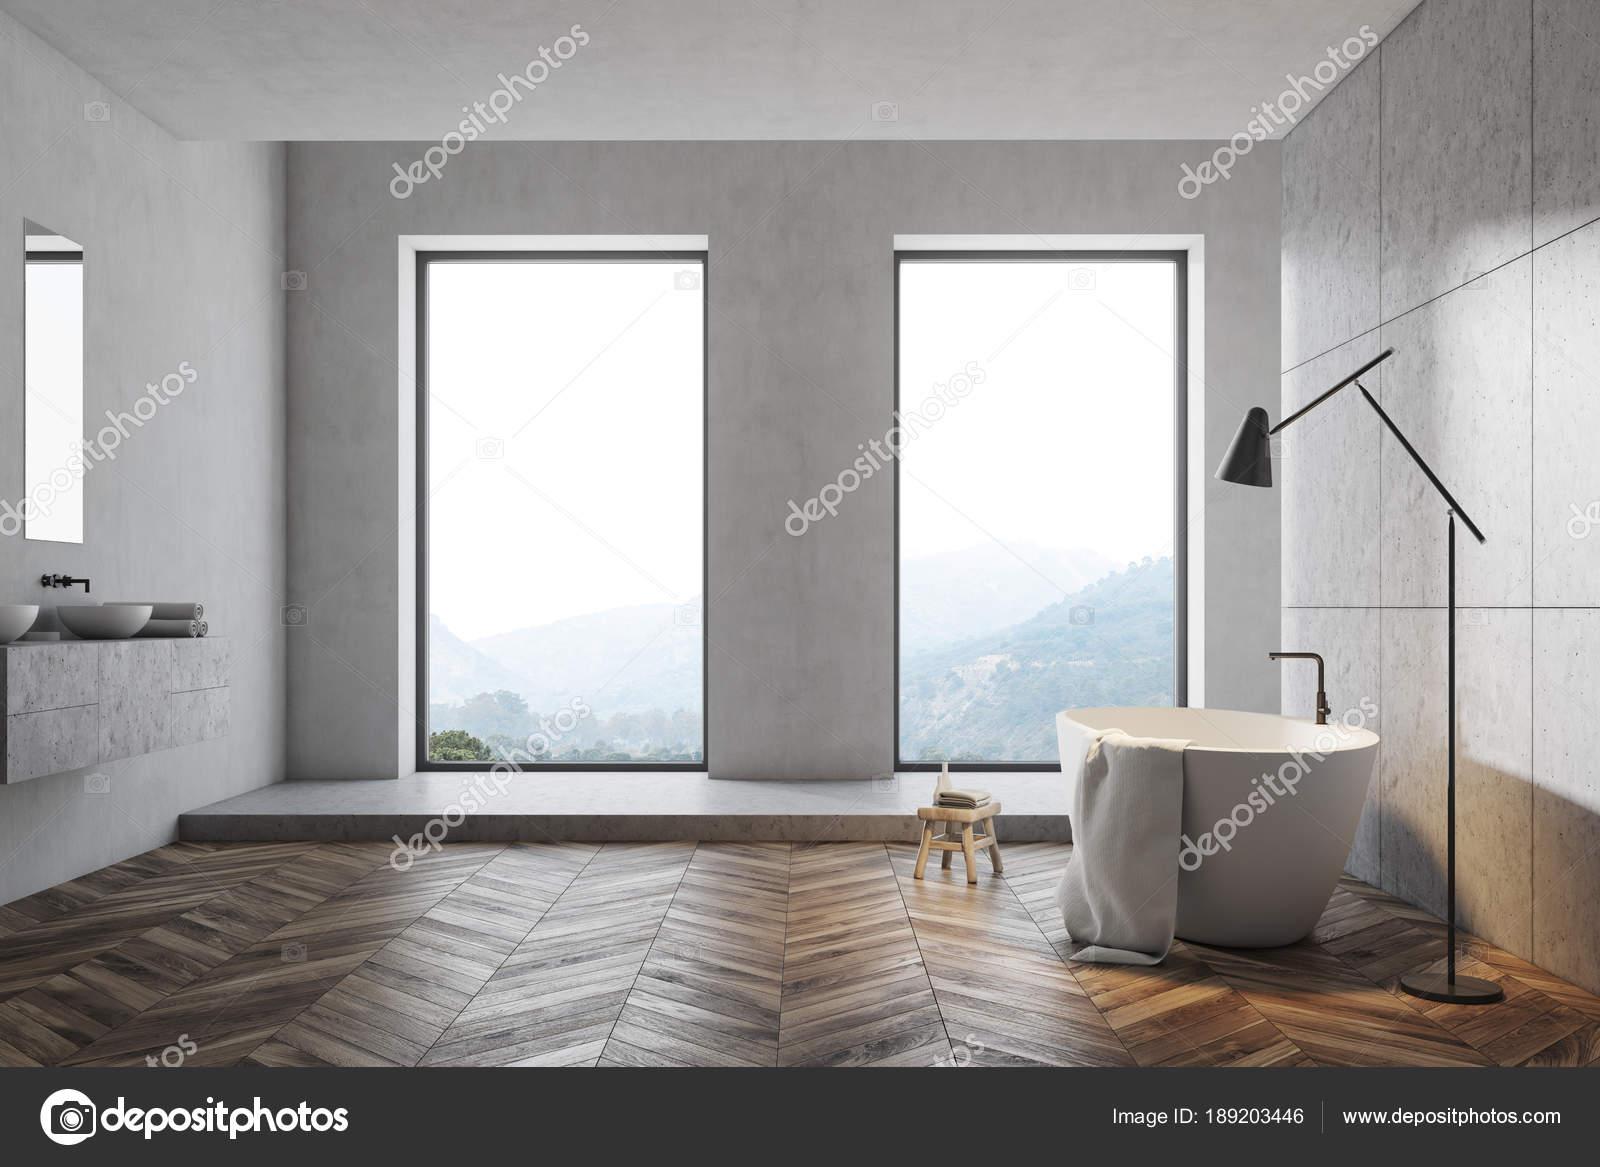 Badkamer stucwerk unique stucwerk badkamer elegant badkamer met